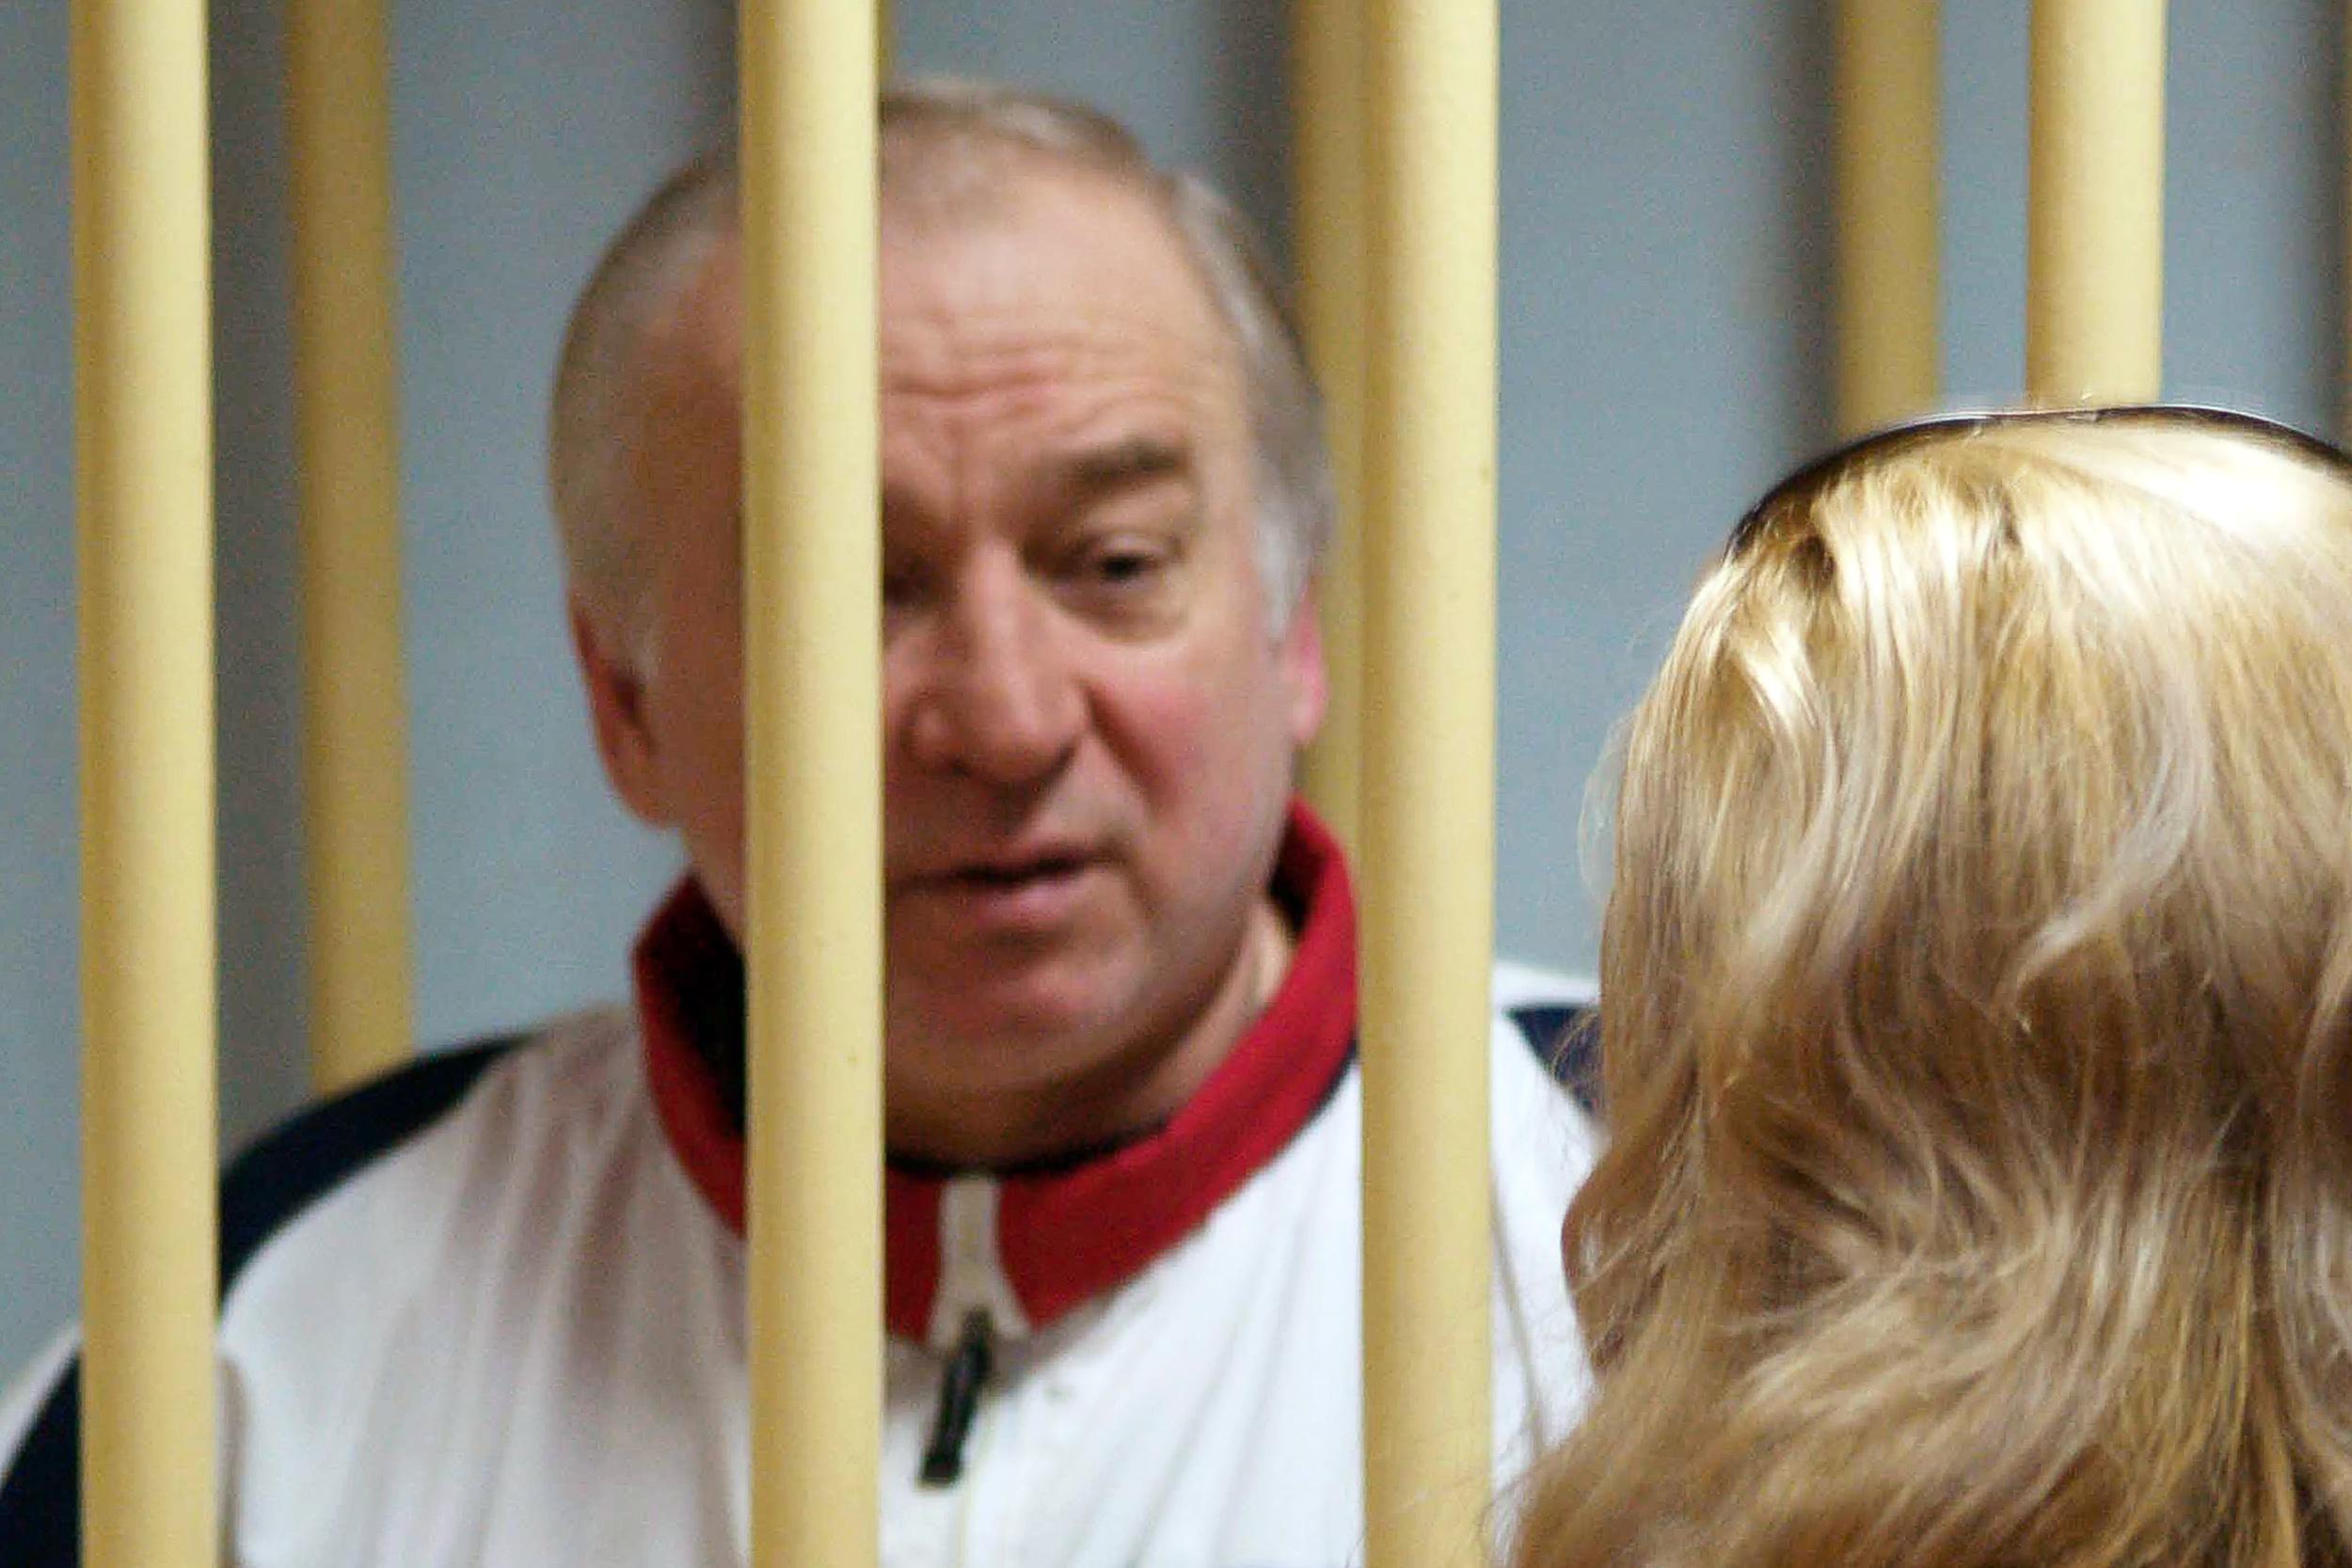 سكريبال خلال مثوله أمام محكمة عسكرية في موسكو في أغسطس/آب 2006